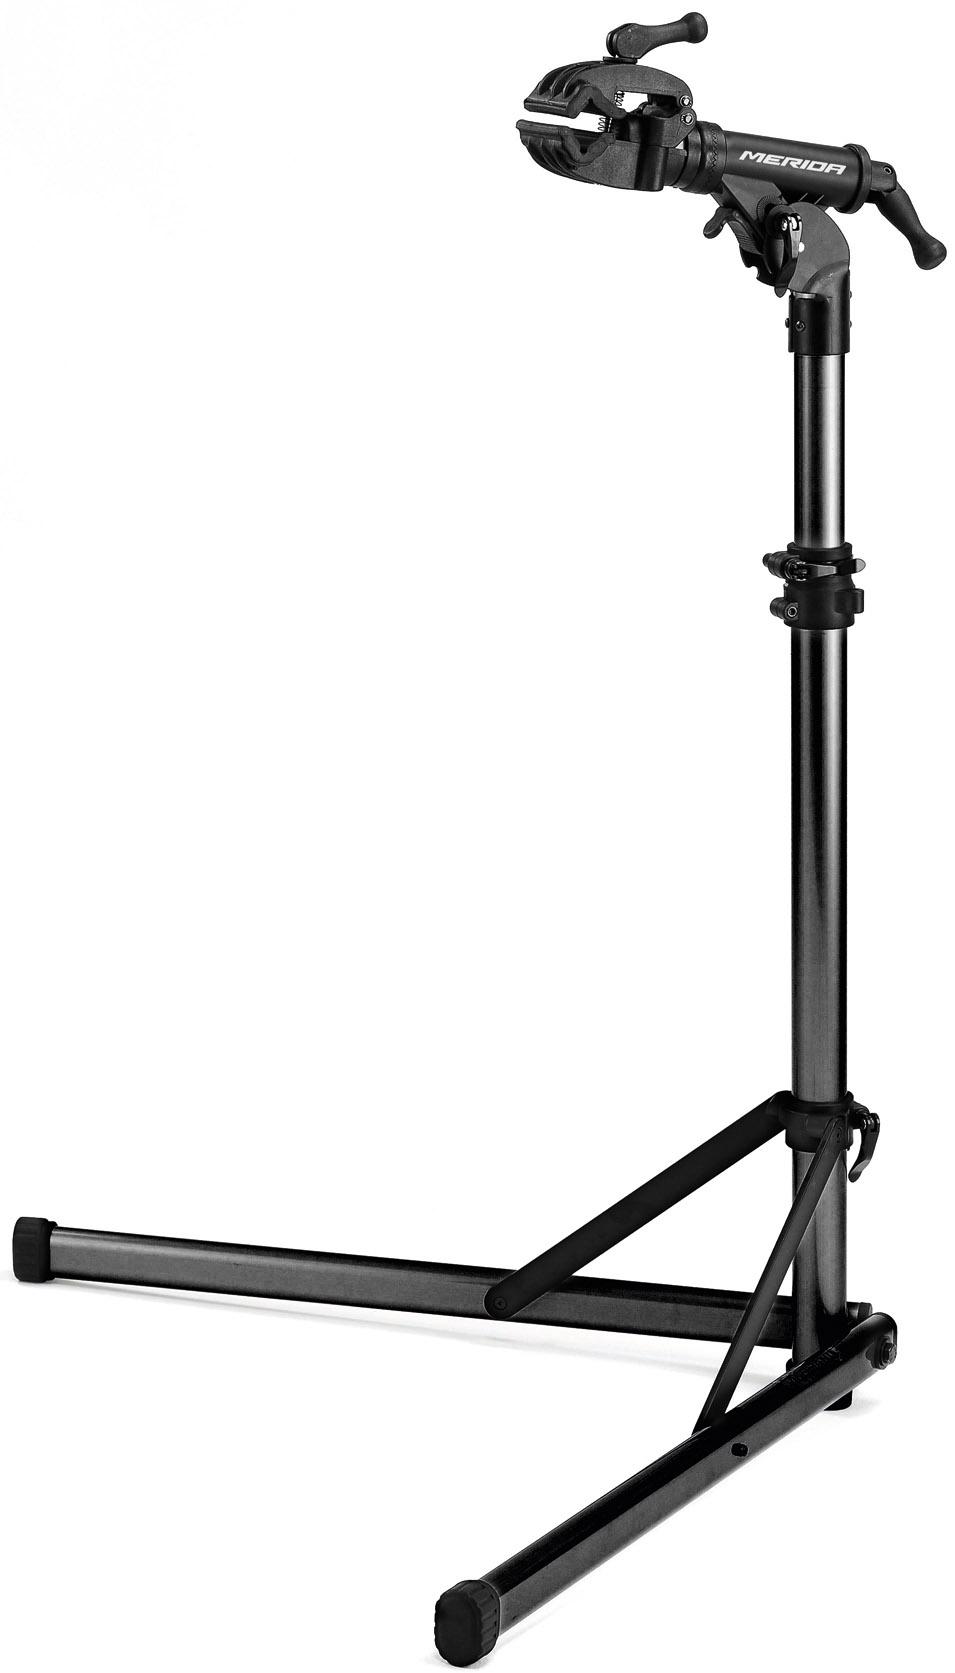 Kerékpártartó MERIDA szerelőállvány álló, alu, fekete - 4186